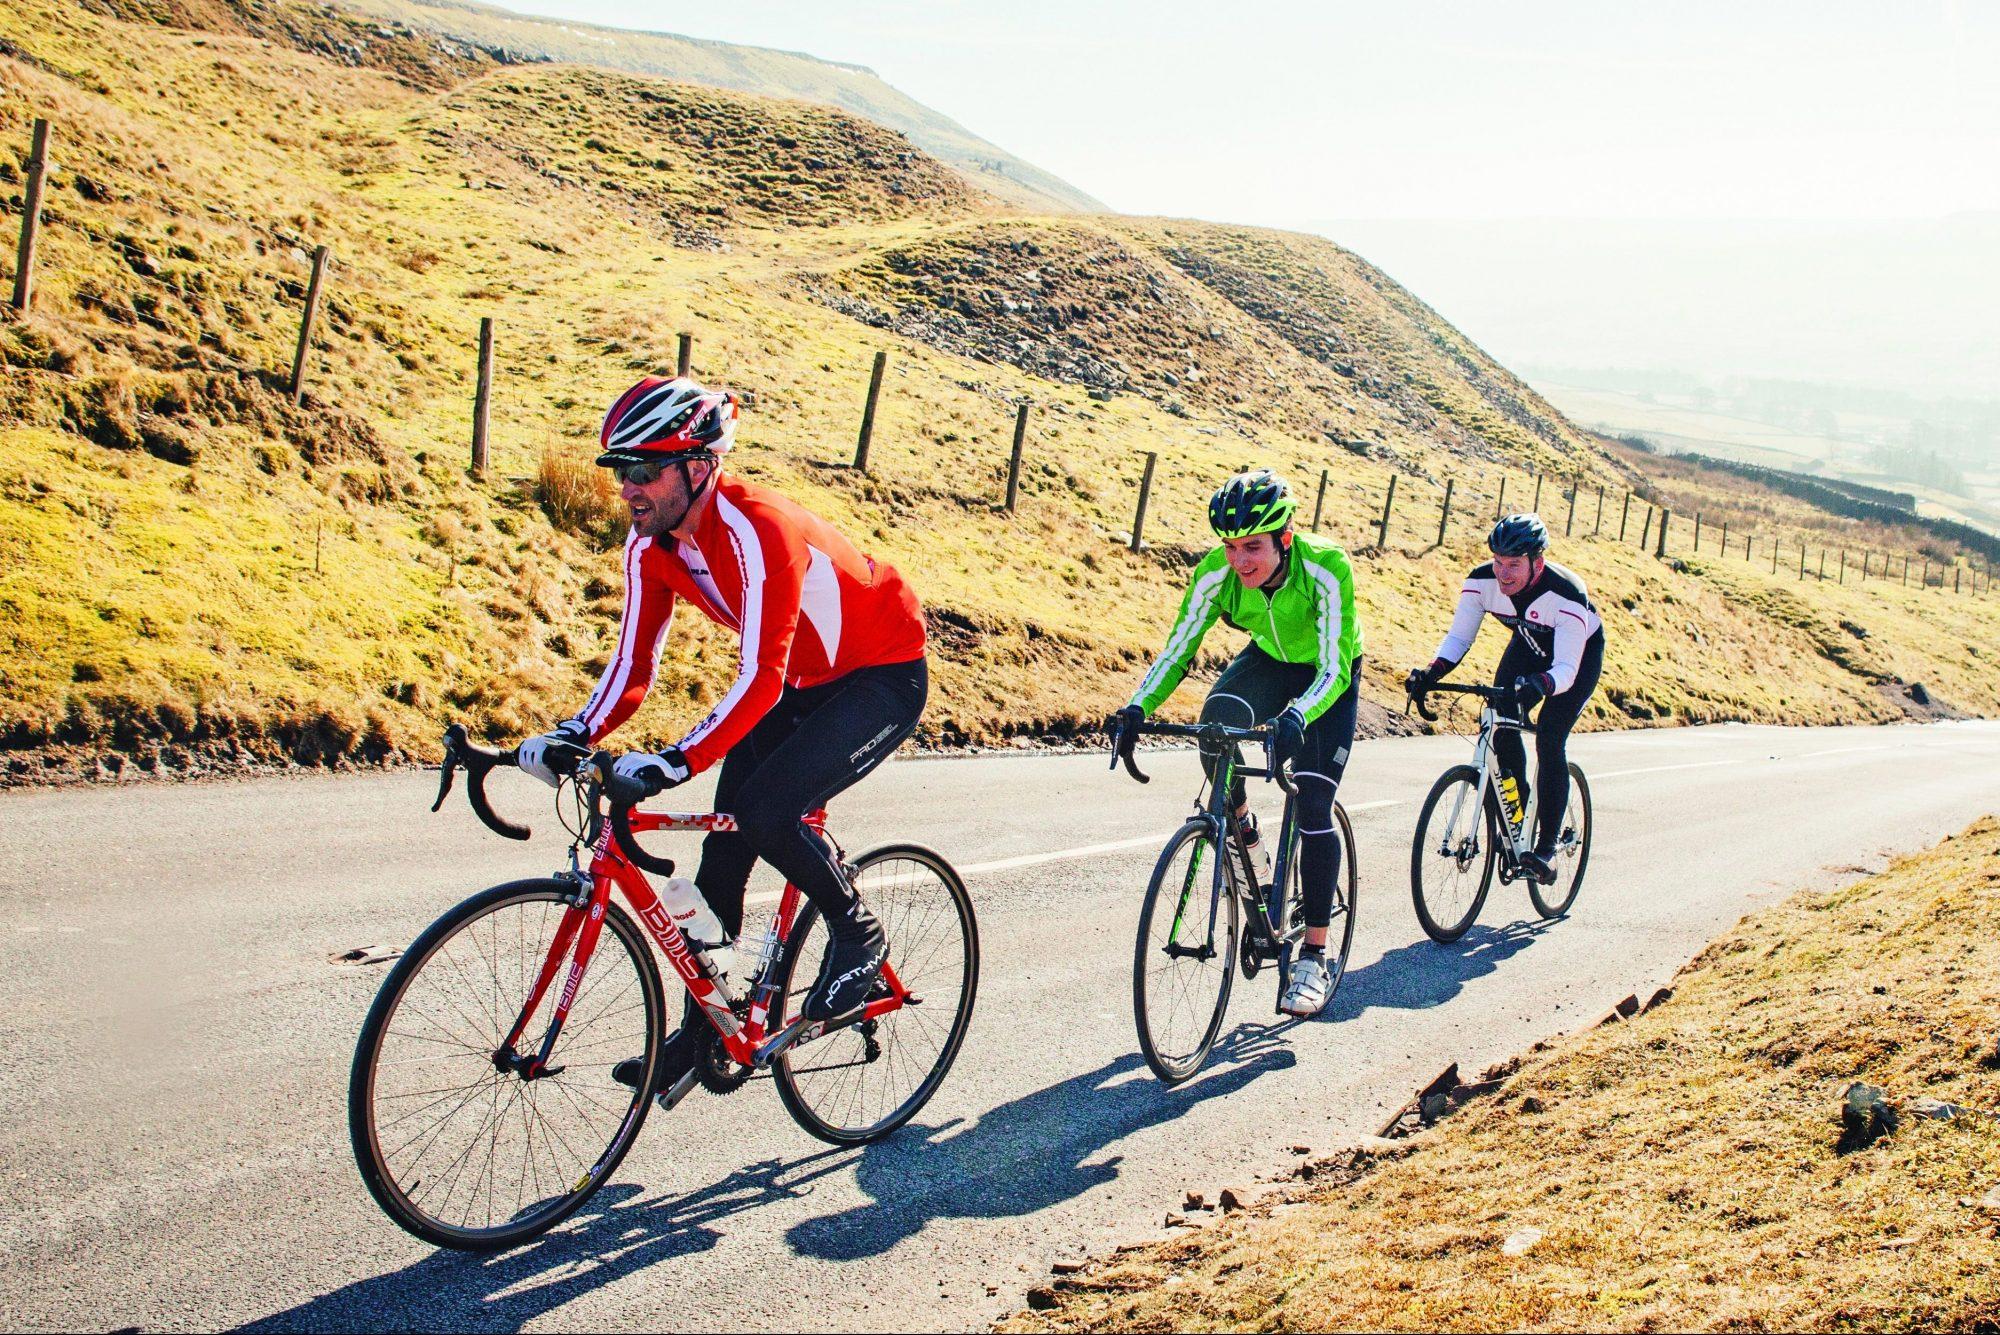 """""""Banyak Kepala Sperma Cacat,"""" Cycling Boleh Jadi Punca, Doktor Kongsi Hasil Ujian Air Mani Lelaki 29 Tahun Yang Aktif Berbasikal"""